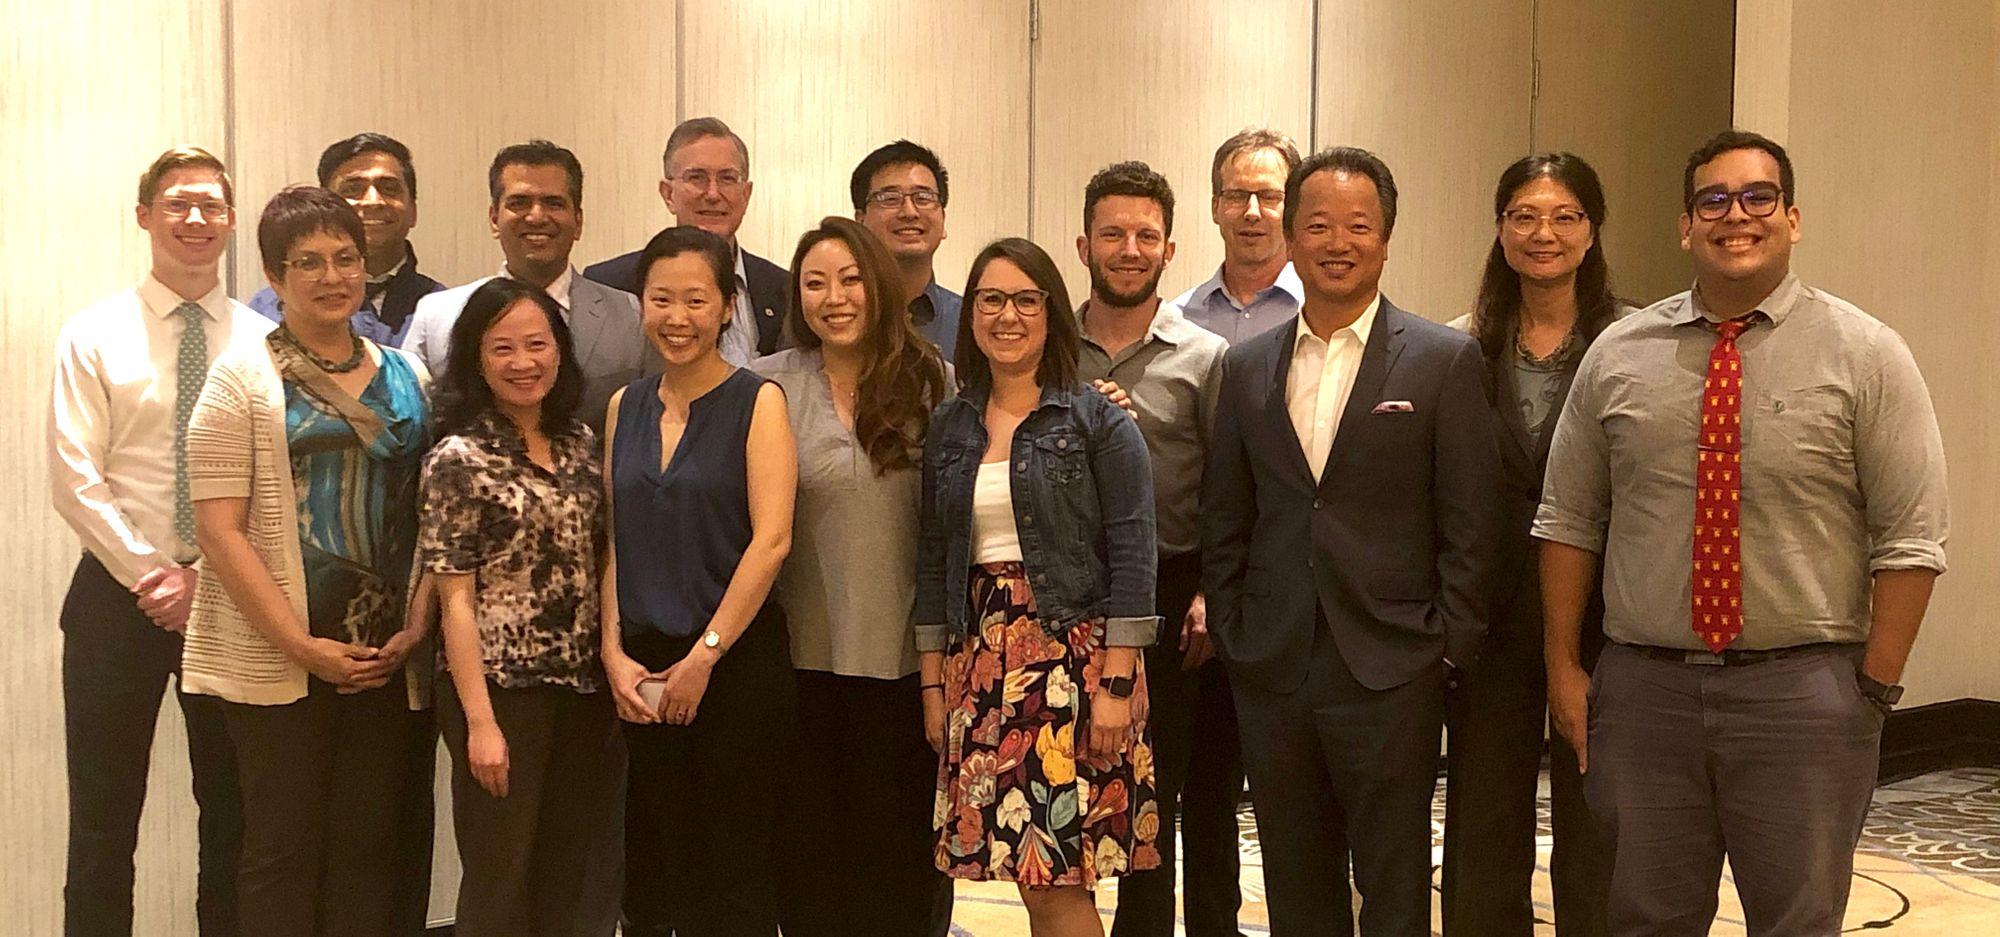 New IEOS Board of Directors 2019-2020